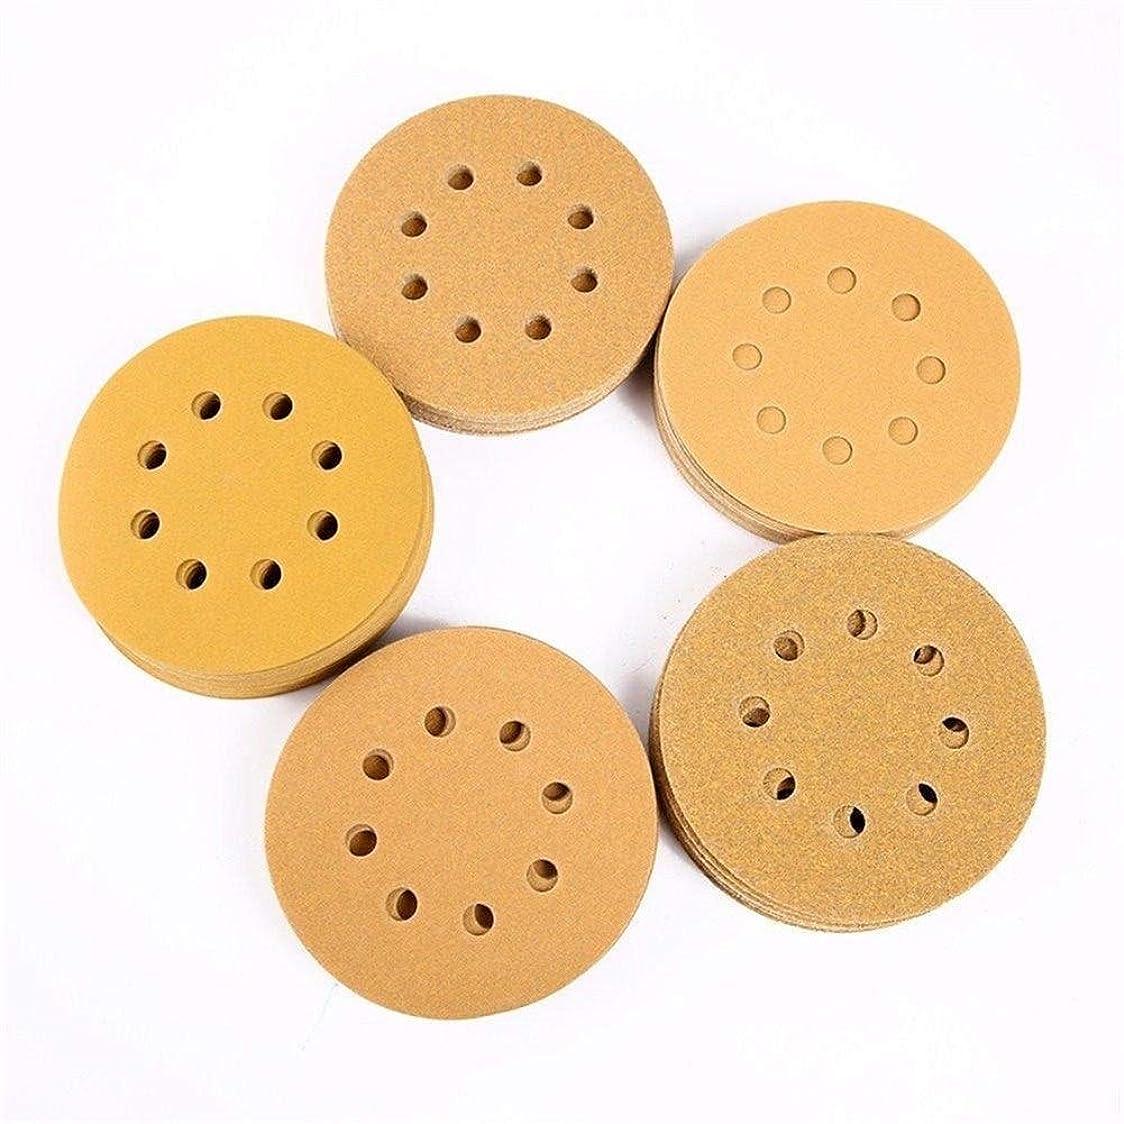 北西列挙するはちみつZKS-KS 研磨剤の100pcs 5インチ8つの穴がループサンディングディスクオービットサンドペーパーマット60/80/120/150/240グリットツールをフック 砥粒